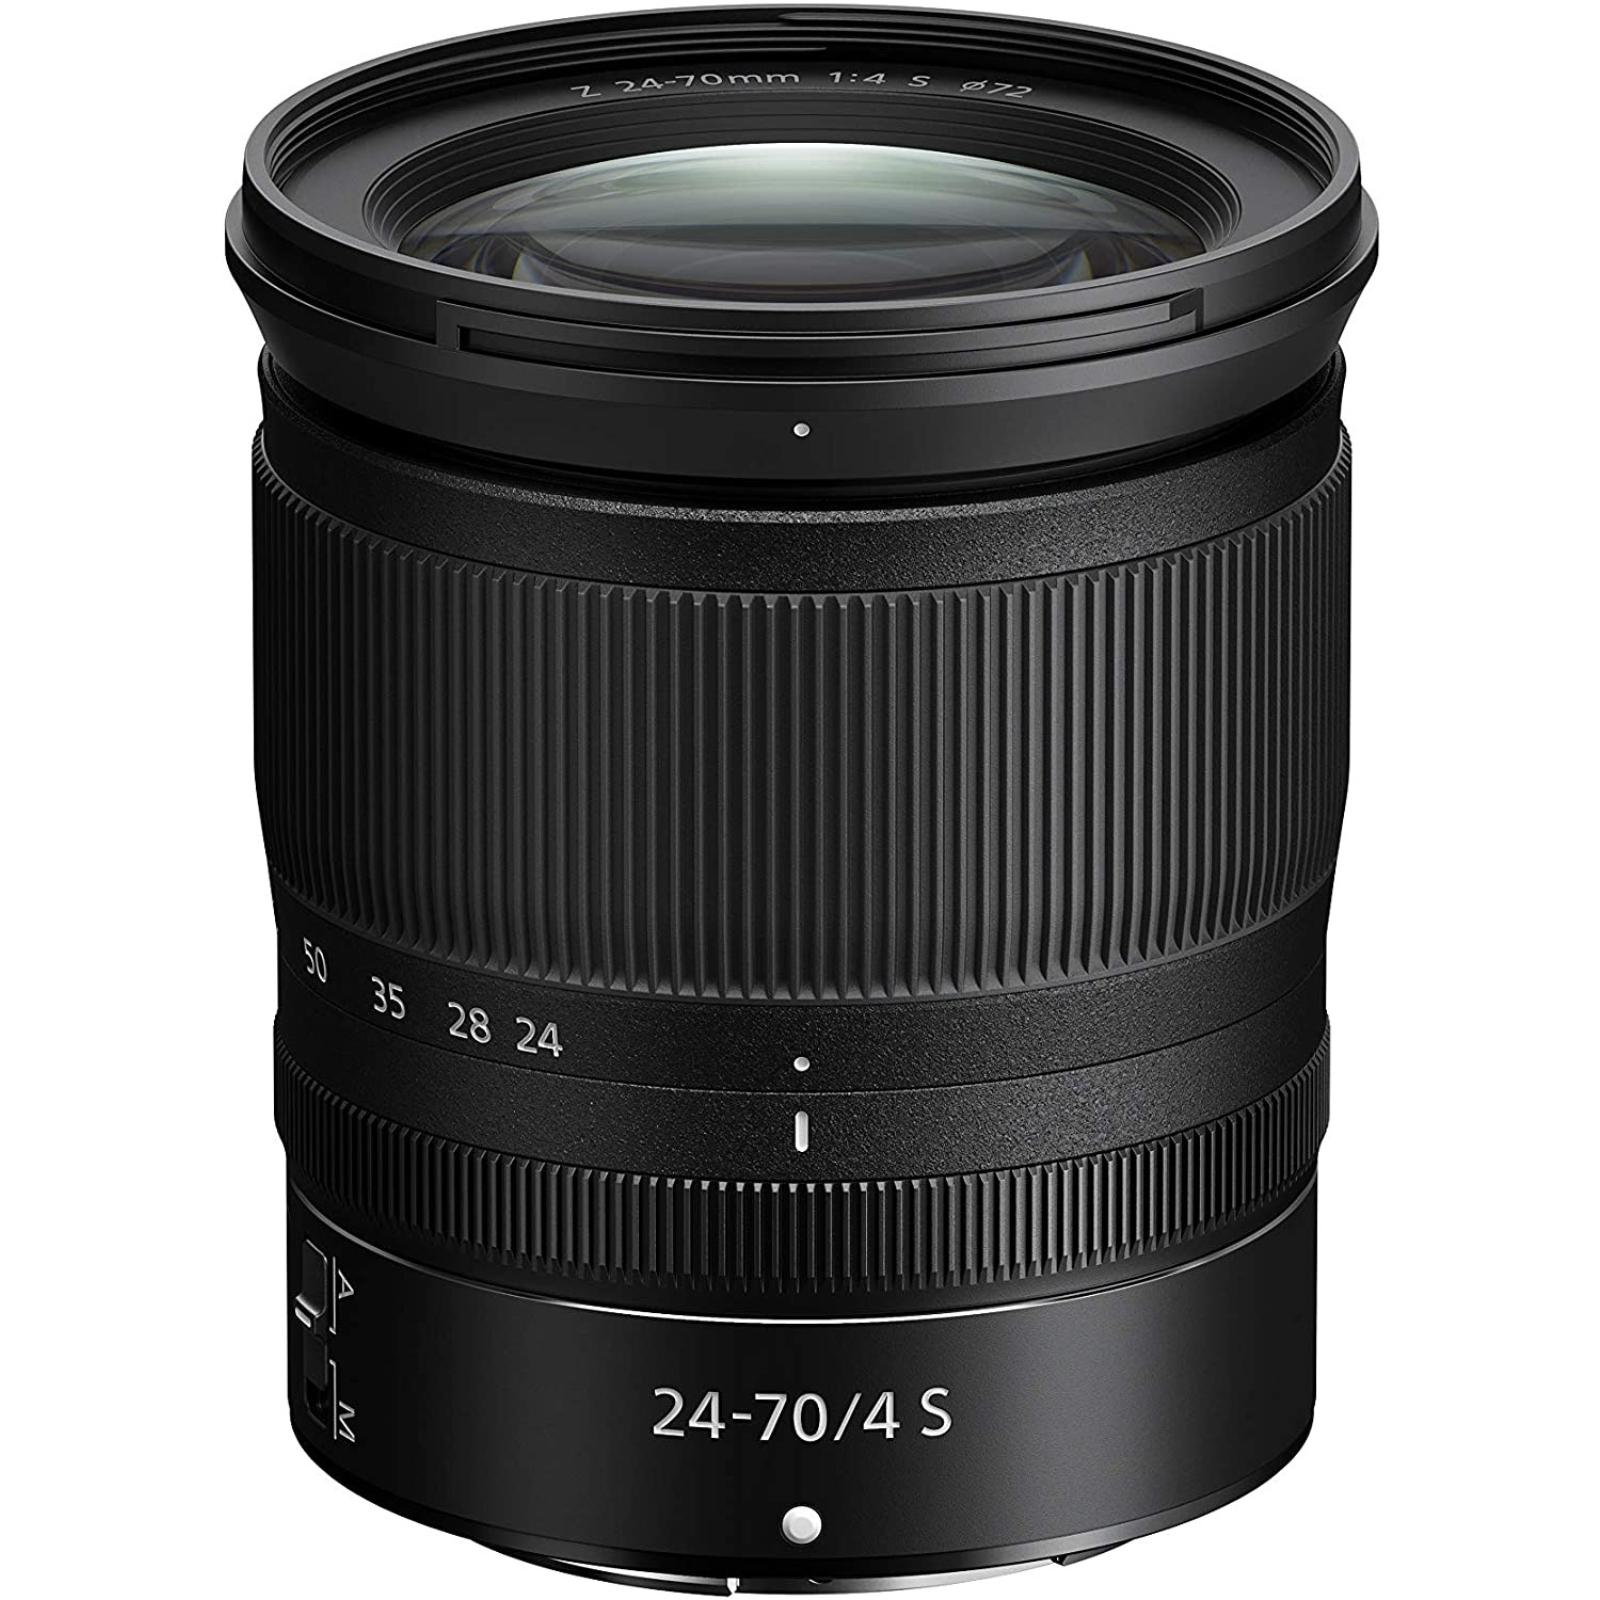 Nikon ニコン 標準ズームレンズ NIKKOR Z 24-70mm f/4S 新品 (簡易箱)